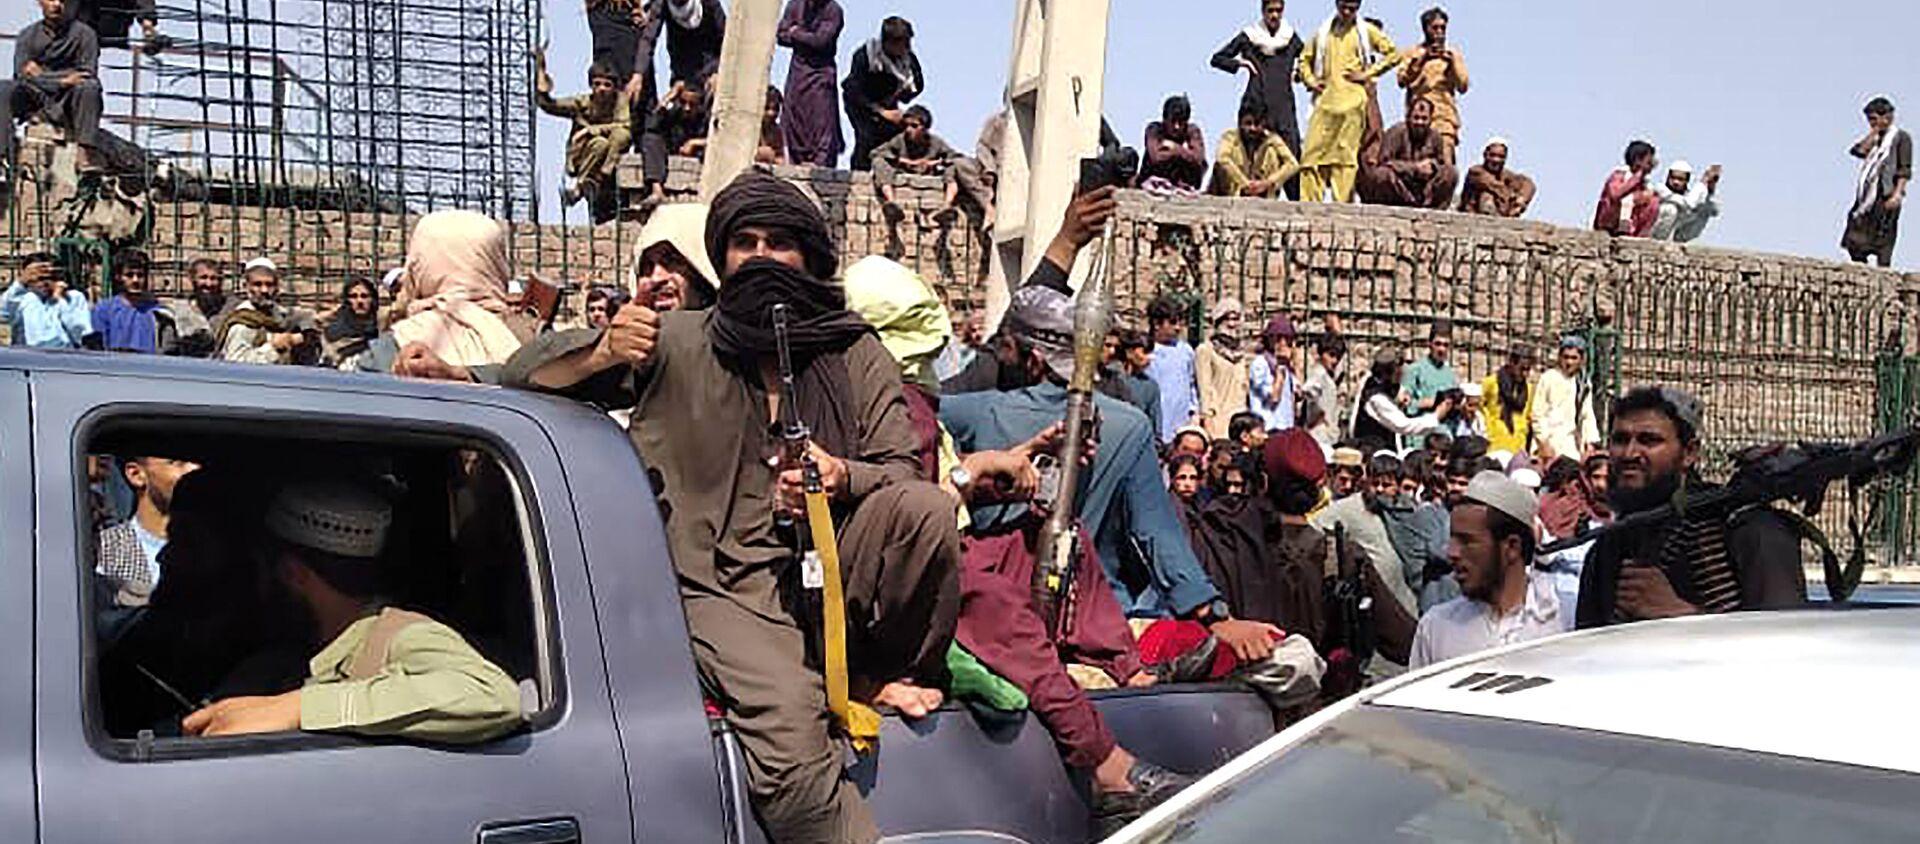 Боевики Талибана садятся в машину на улице в Джелалабадской области 15 августа 2021 г. - Sputnik Абхазия, 1920, 15.08.2021